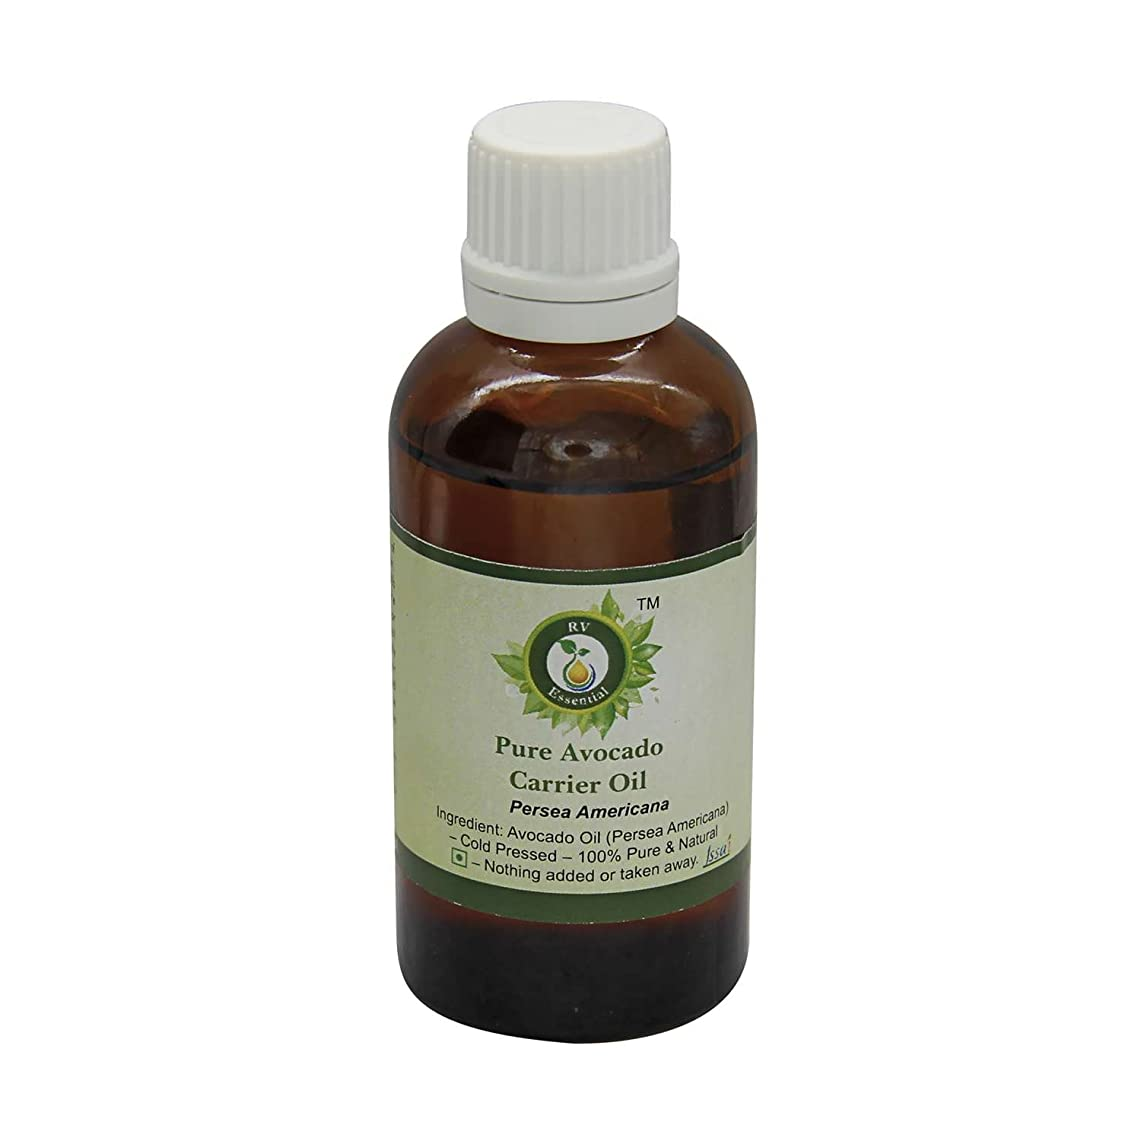 鼻精通したツインR V Essential ピュアアボカドキャリアオイル300ml (10oz)- Persea Americana (100%ピュア&ナチュラルコールドPressed) Pure Avocado Carrier Oil